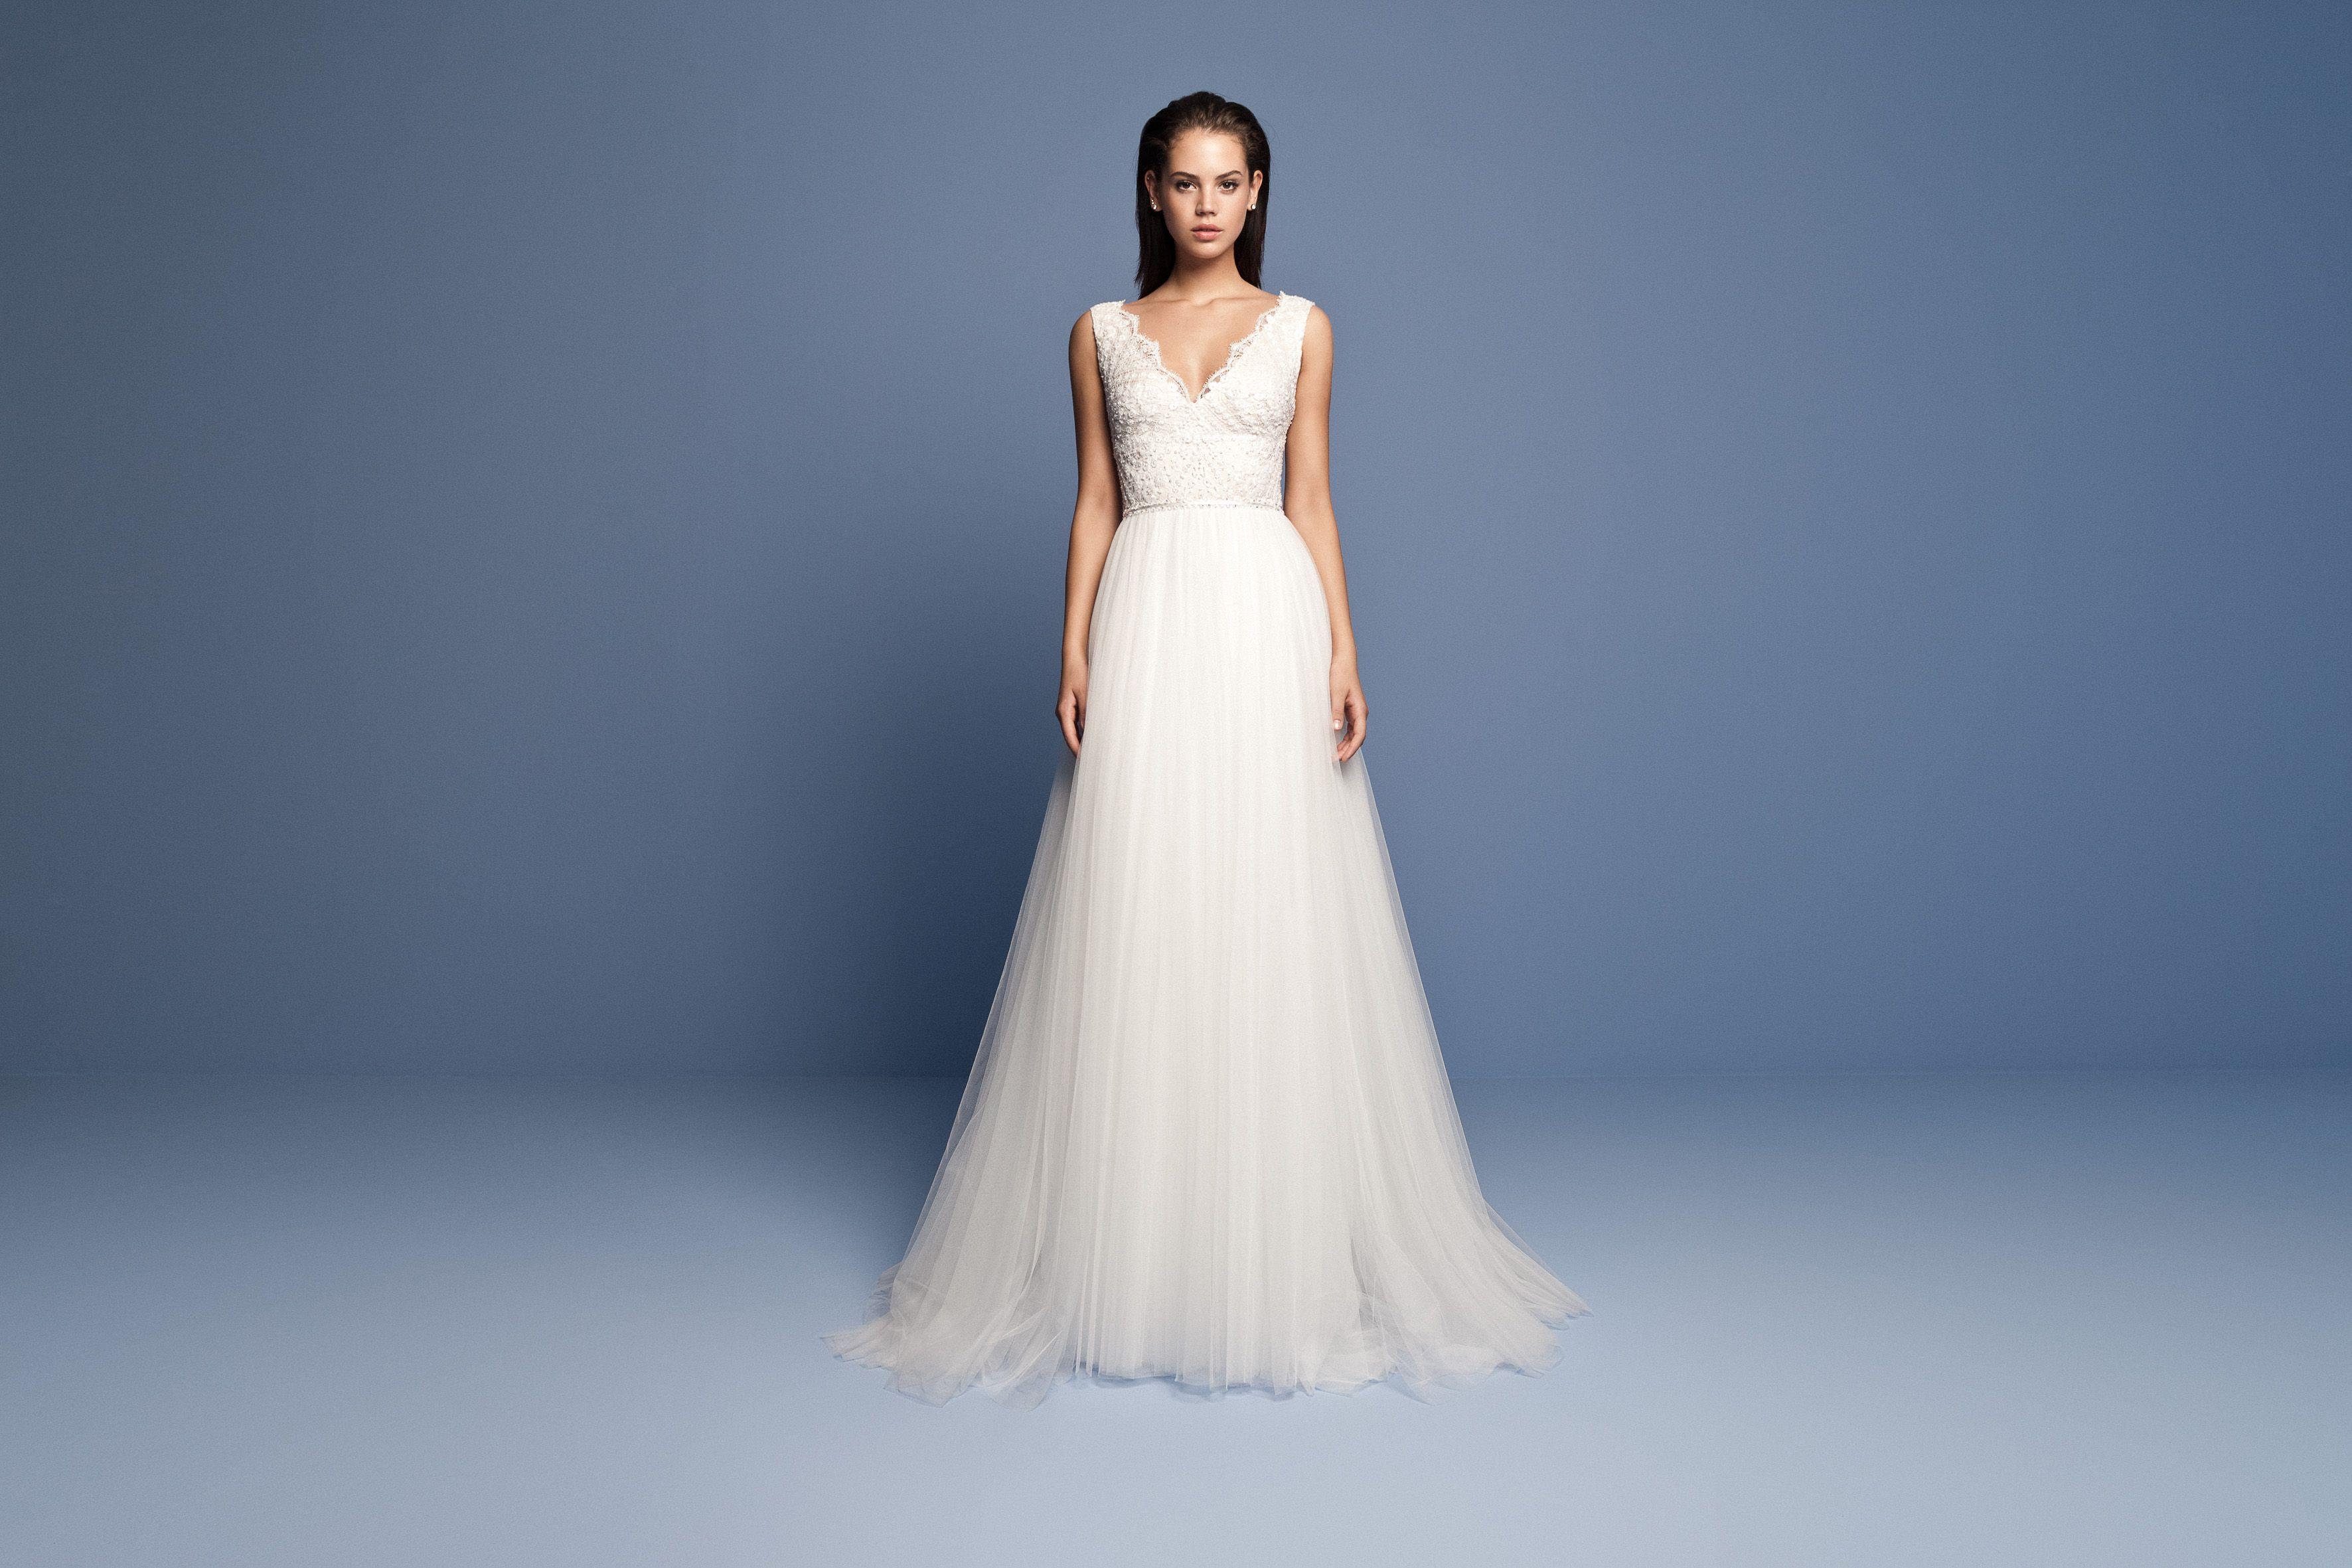 Pin by Eszter Kiss on esküvői ruha   Pinterest   Wedding dress ...